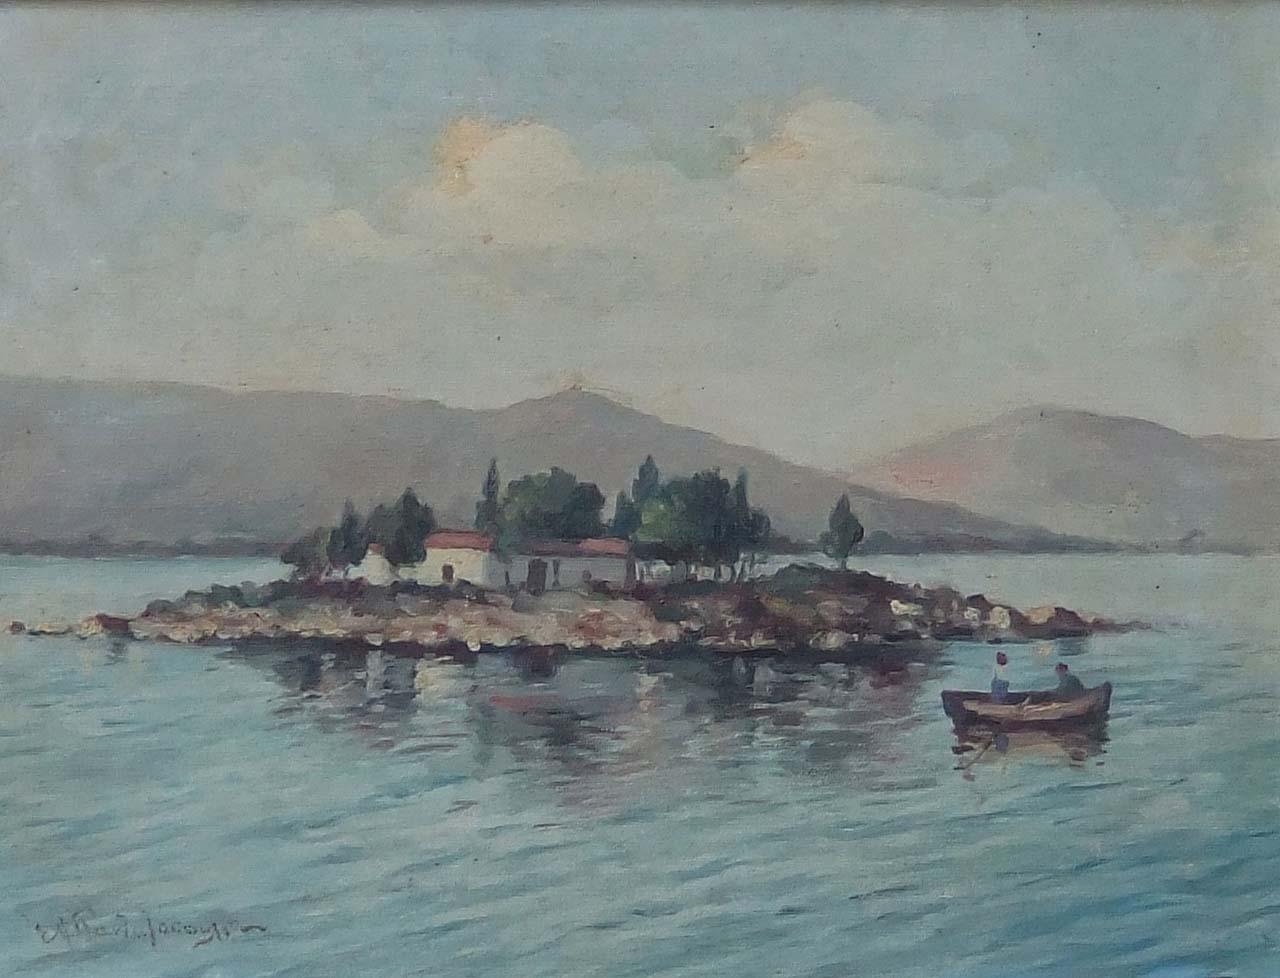 071. ΠΑΝΤΑΖΟΠΟΥΛΟΣ Επαμεινώνδας  (1874 - 1961)